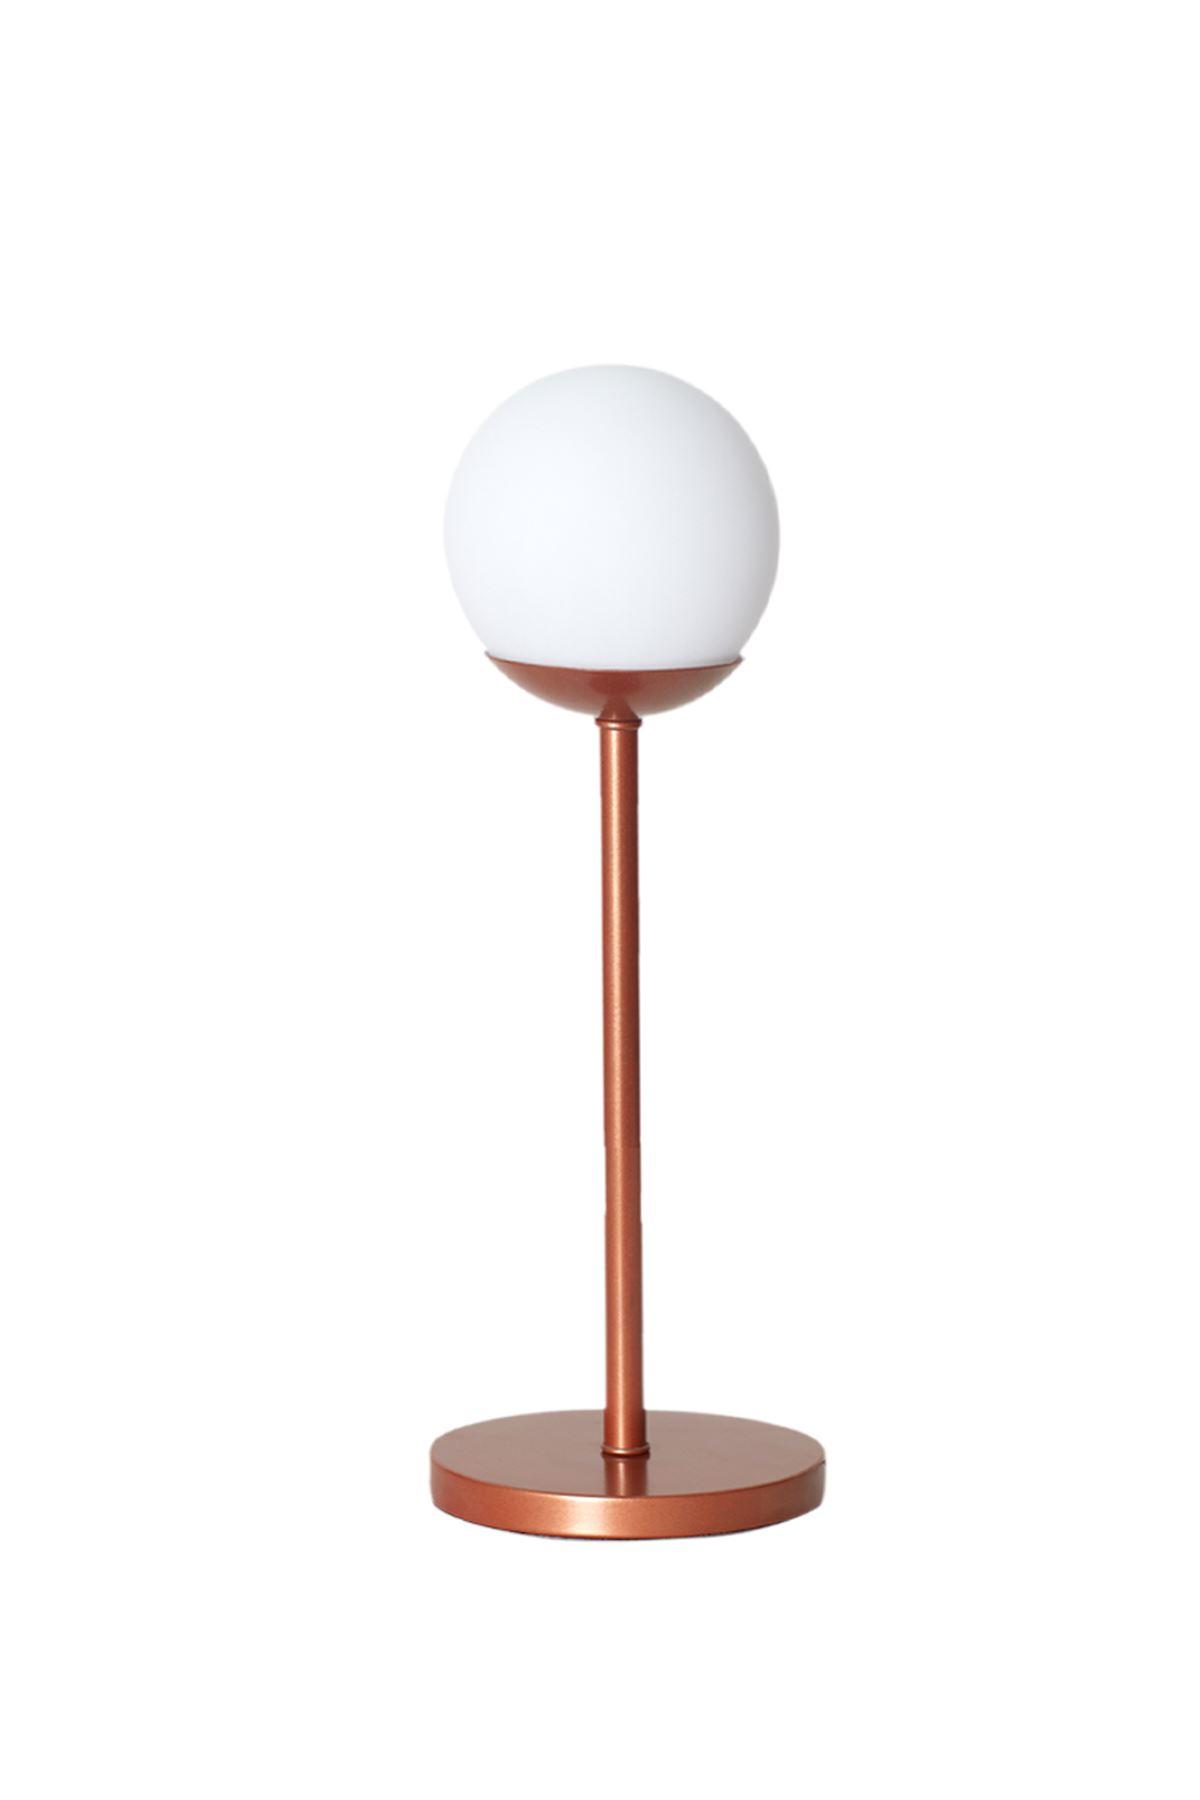 Glob Bakır Metal Gövde Beyaz Camlı Tasarım Lüx Masa Lambası